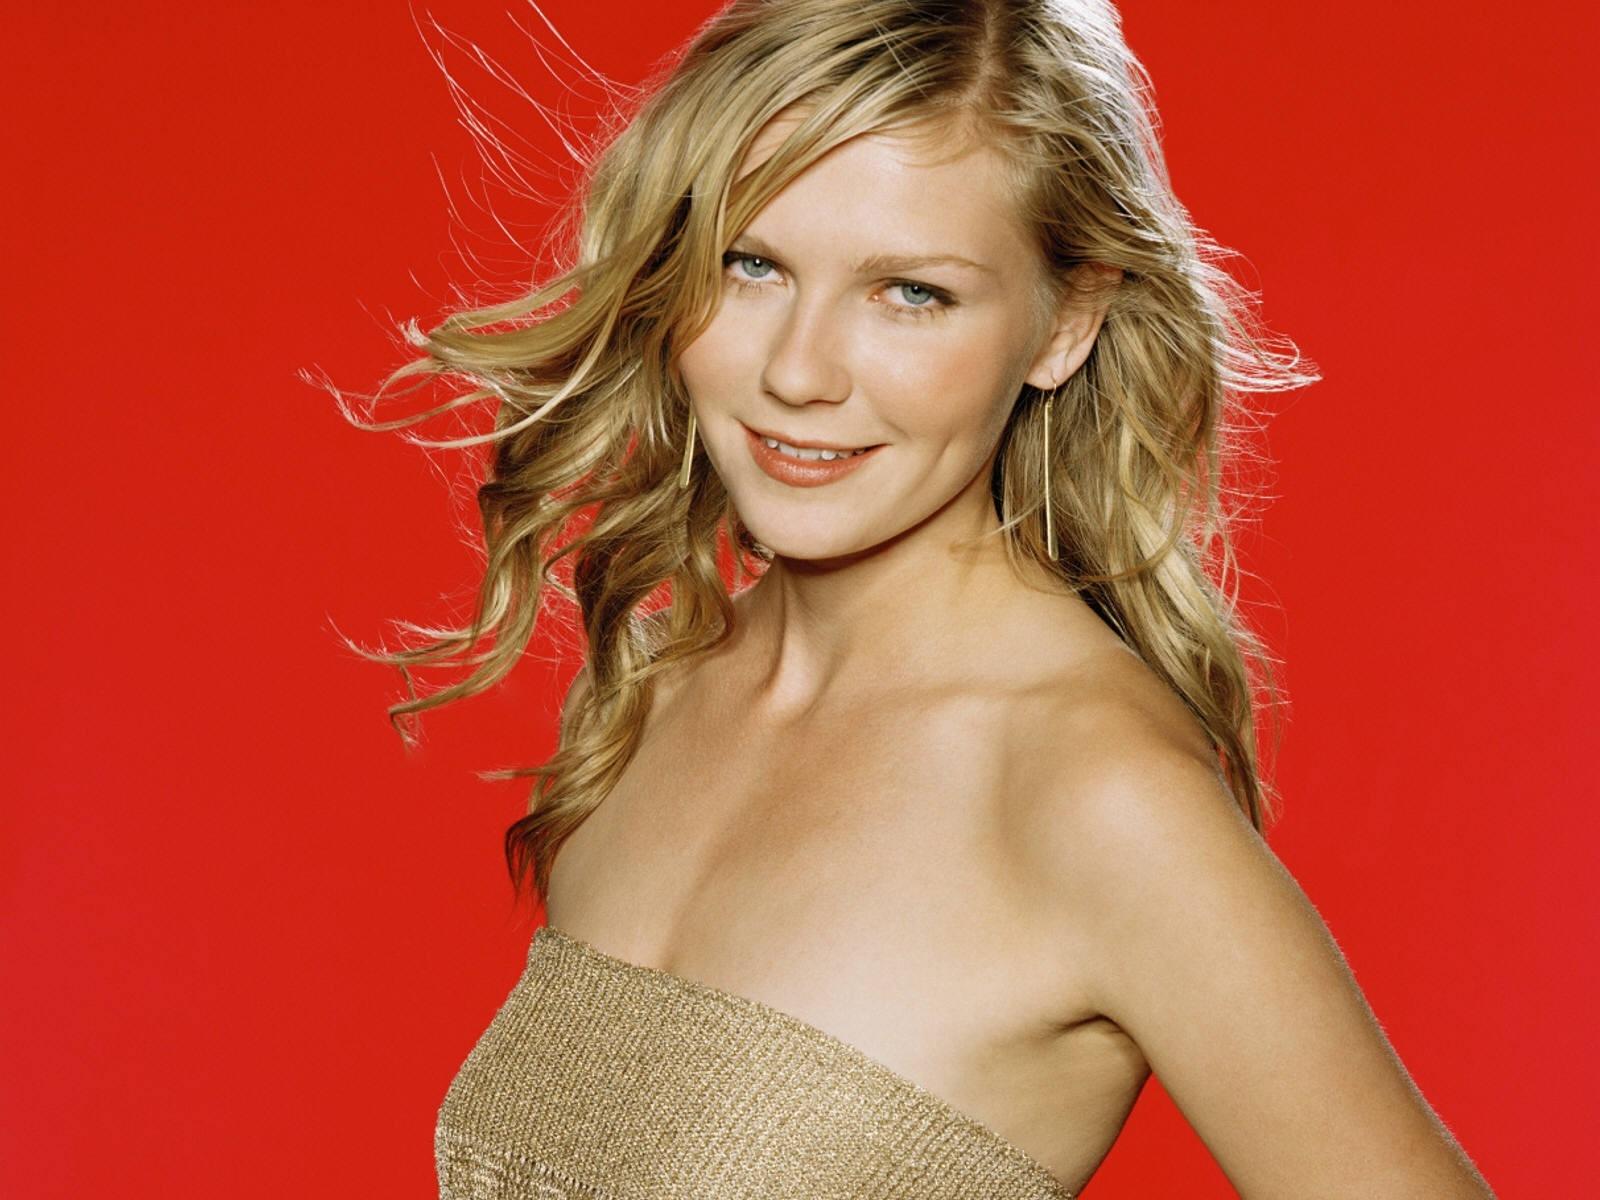 Wallpaper di Kirsten Dunst su uno sfondo rosso